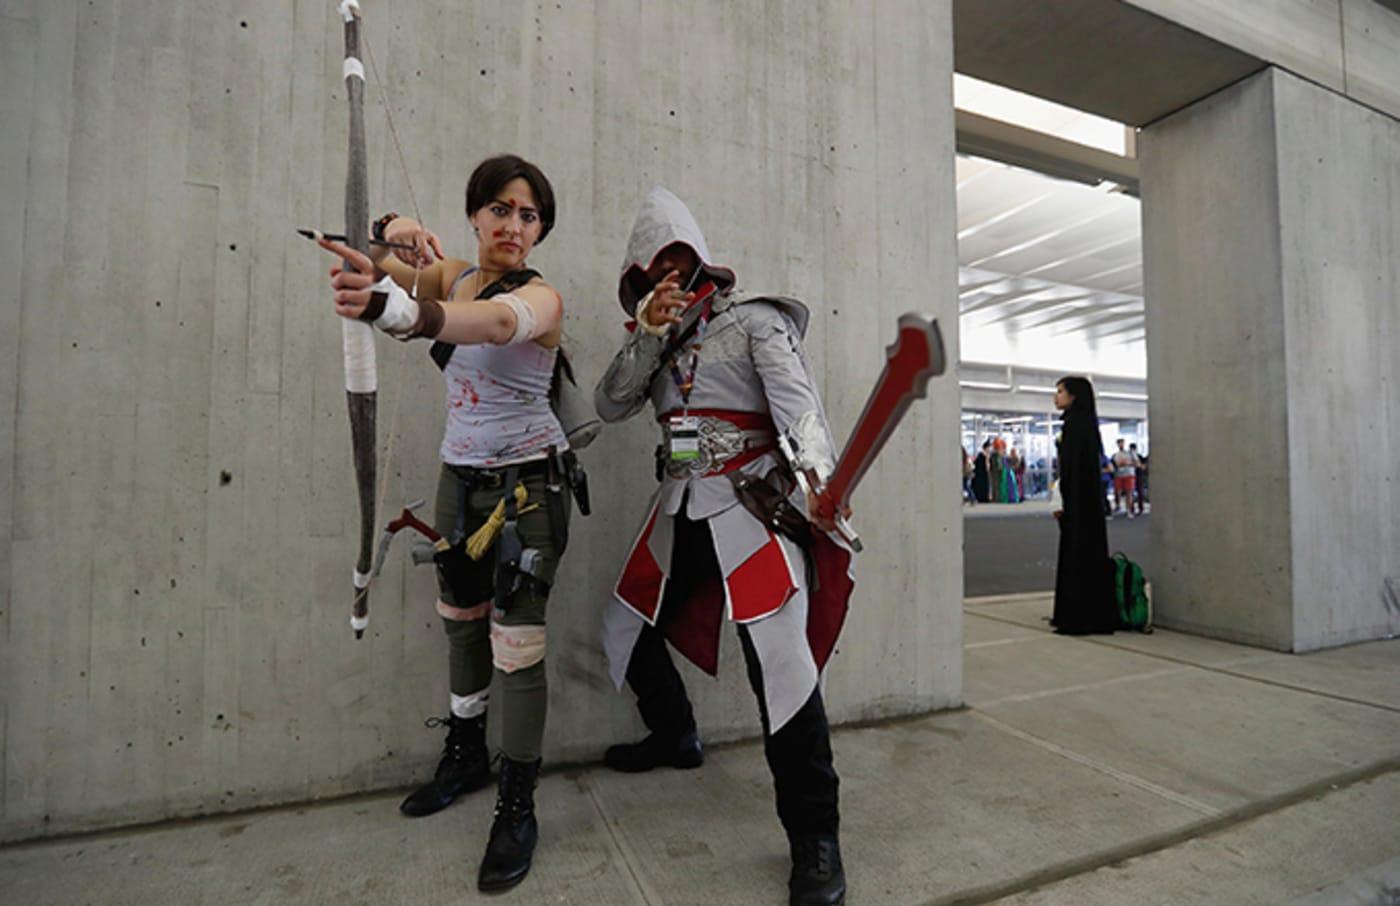 Lara Croft and Ezio